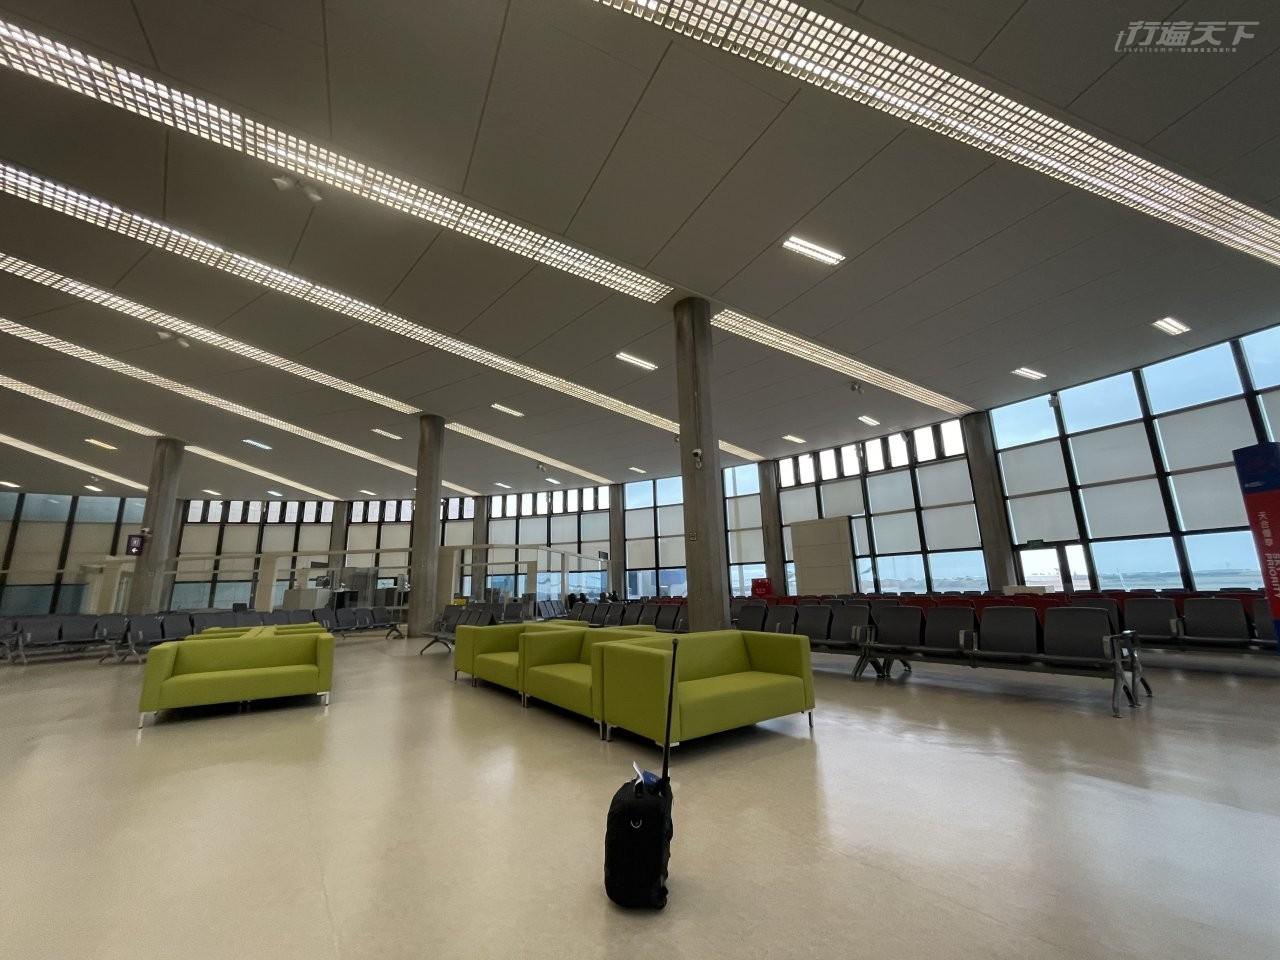 ▲到了候機室,也是空無一人,工作人員比乘客人數還多。